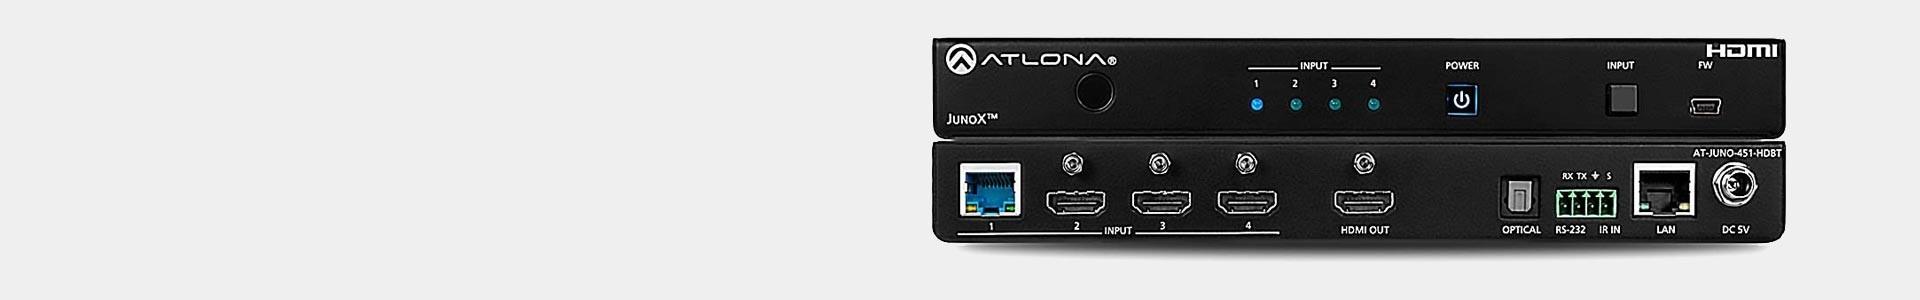 Selettori video Atlona - Equipaggiamento professionale - Avacab